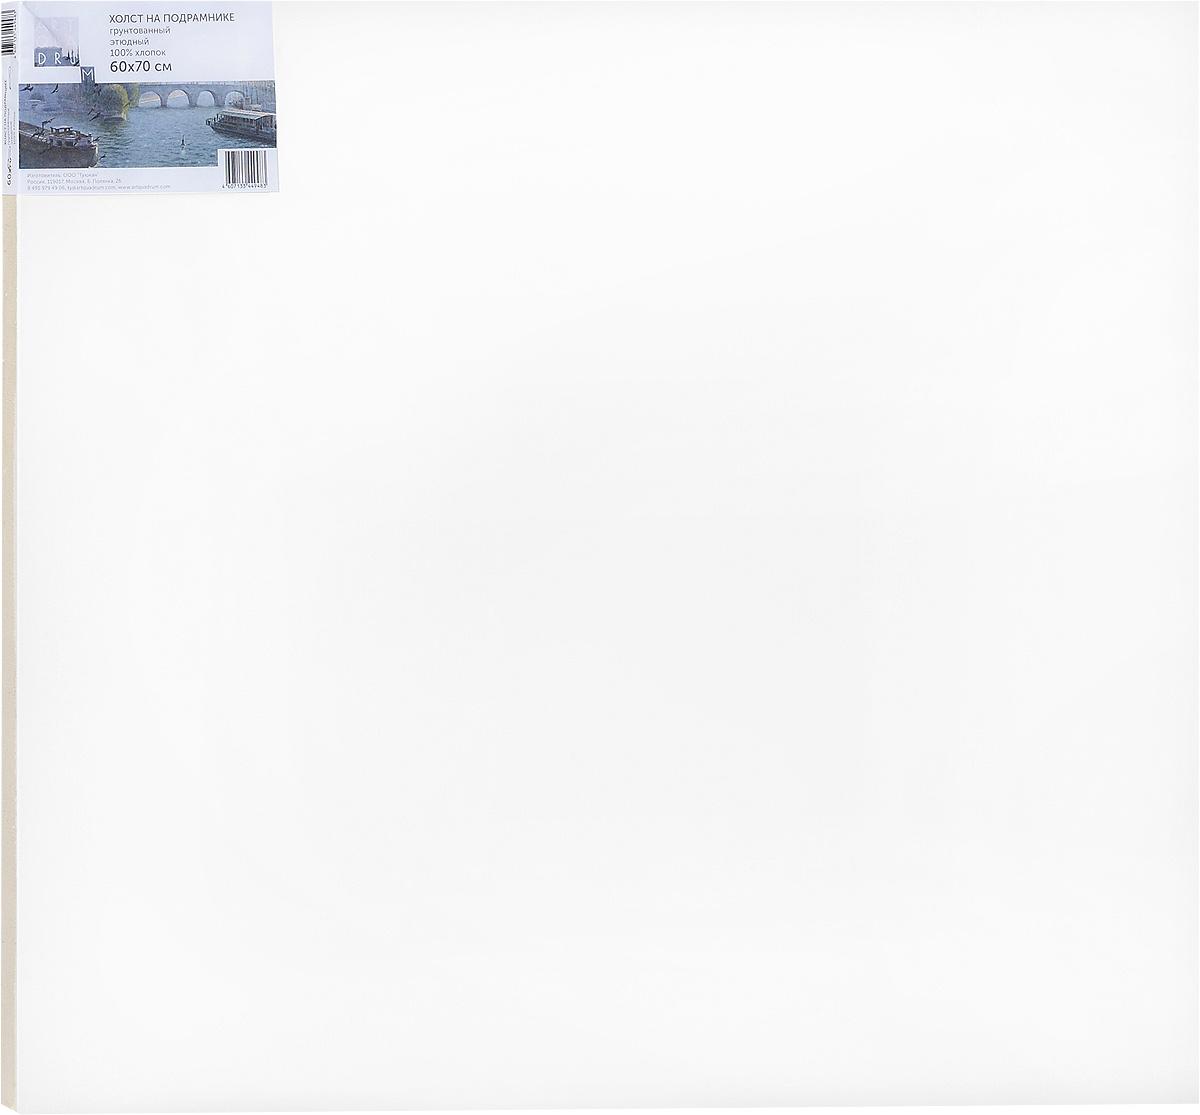 Холст ArtQuaDram Этюдный на подрамнике, грунтованный, 60 х 70 смТ0015357Холст на деревянном подрамнике ArtQuaDram Этюдный изготовлен из 100% натурального хлопка. Подходит для профессионалов и художников. Холст не трескается, не впитывает слишком много краски, цвет краски и качество не изменяются. Холст идеально подходит для масляной и акриловой живописи.